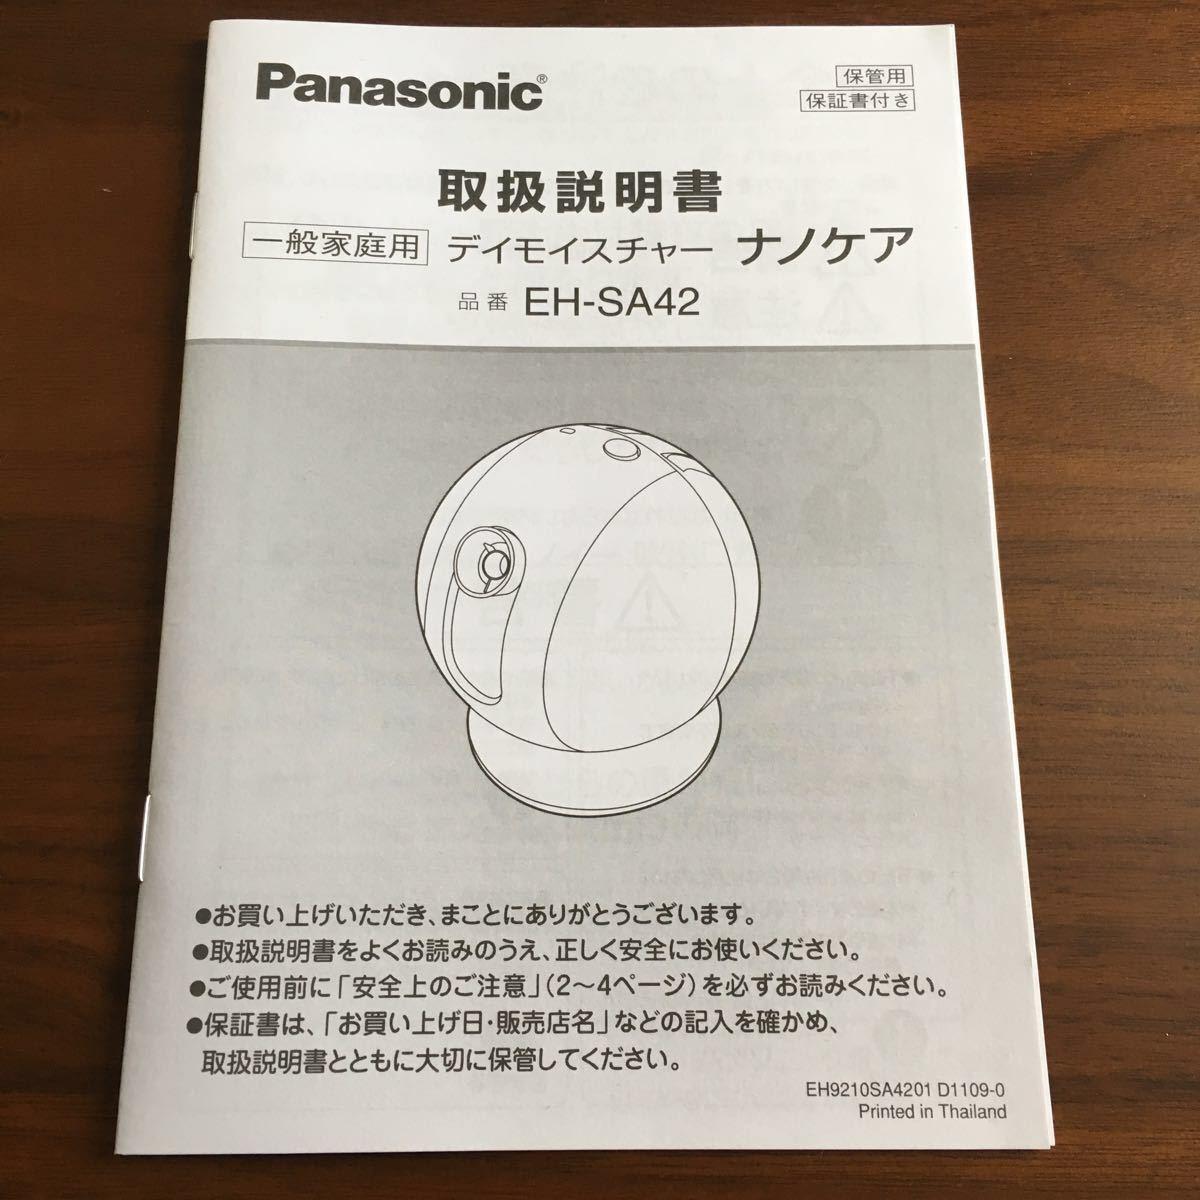 パナソニック ナノケア   EH-SA42 ★値下げ★